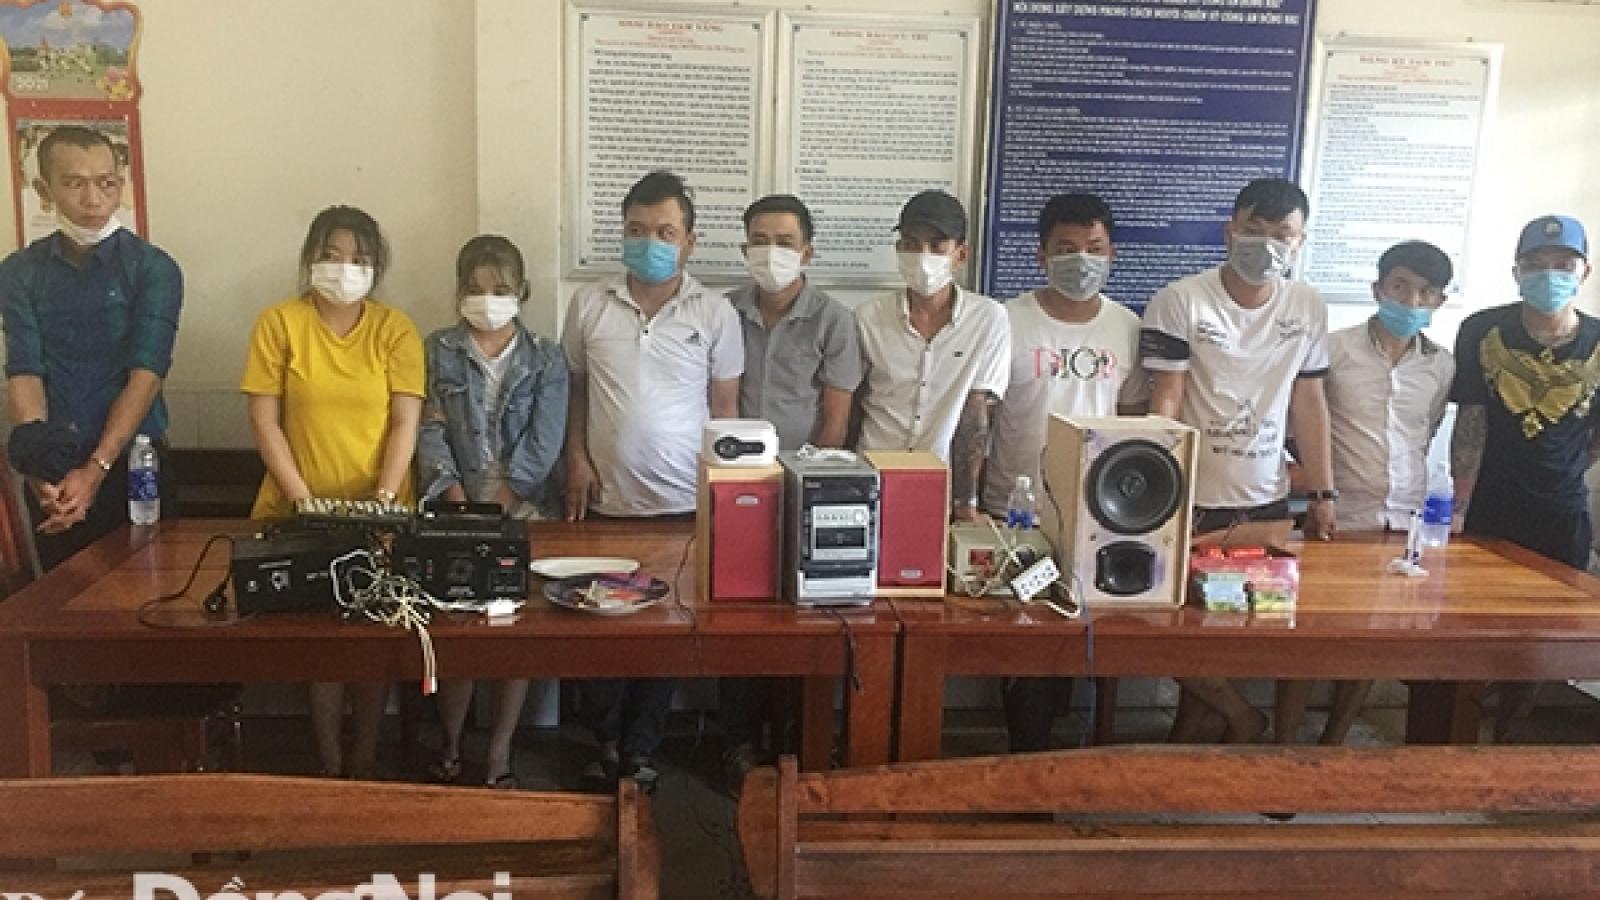 Nam thanh niên ở Đồng Nai thuê nhà để mở dịch vụ bay lắc